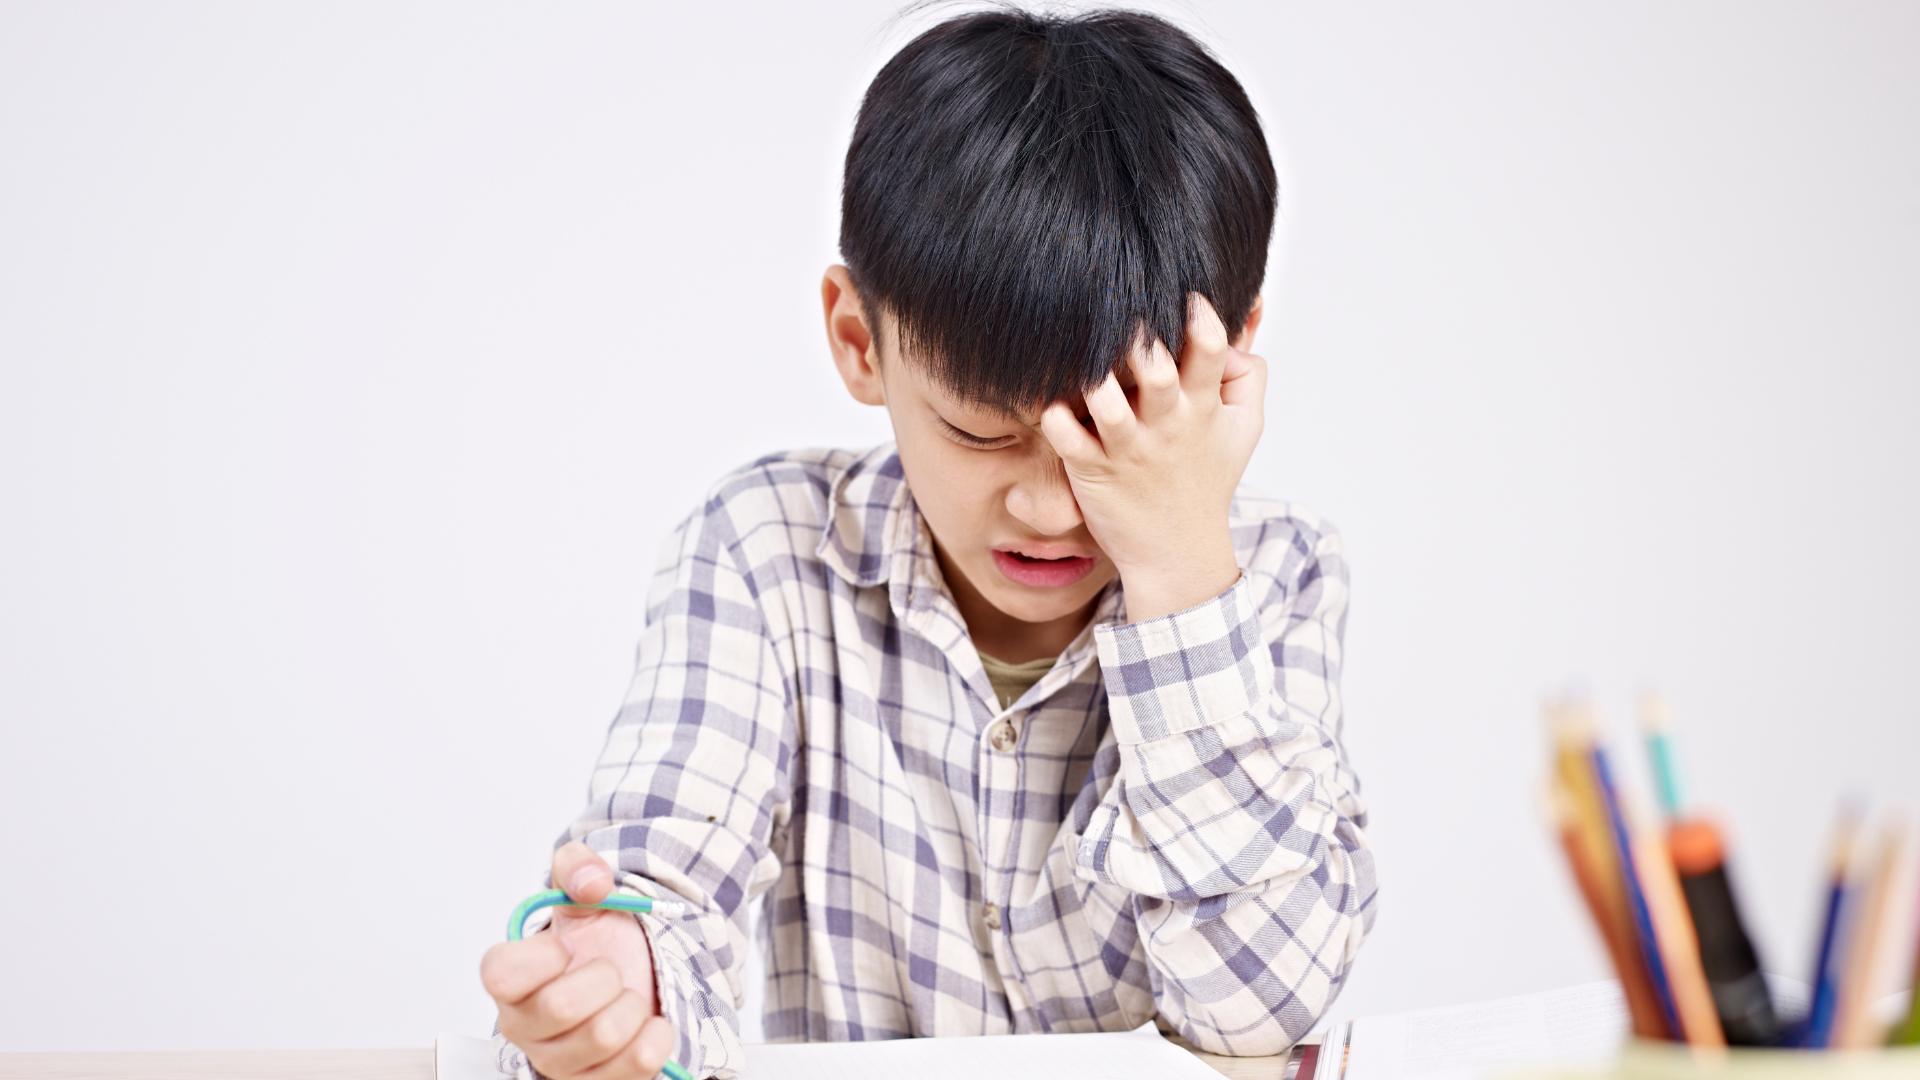 孩子讀書壓力大8